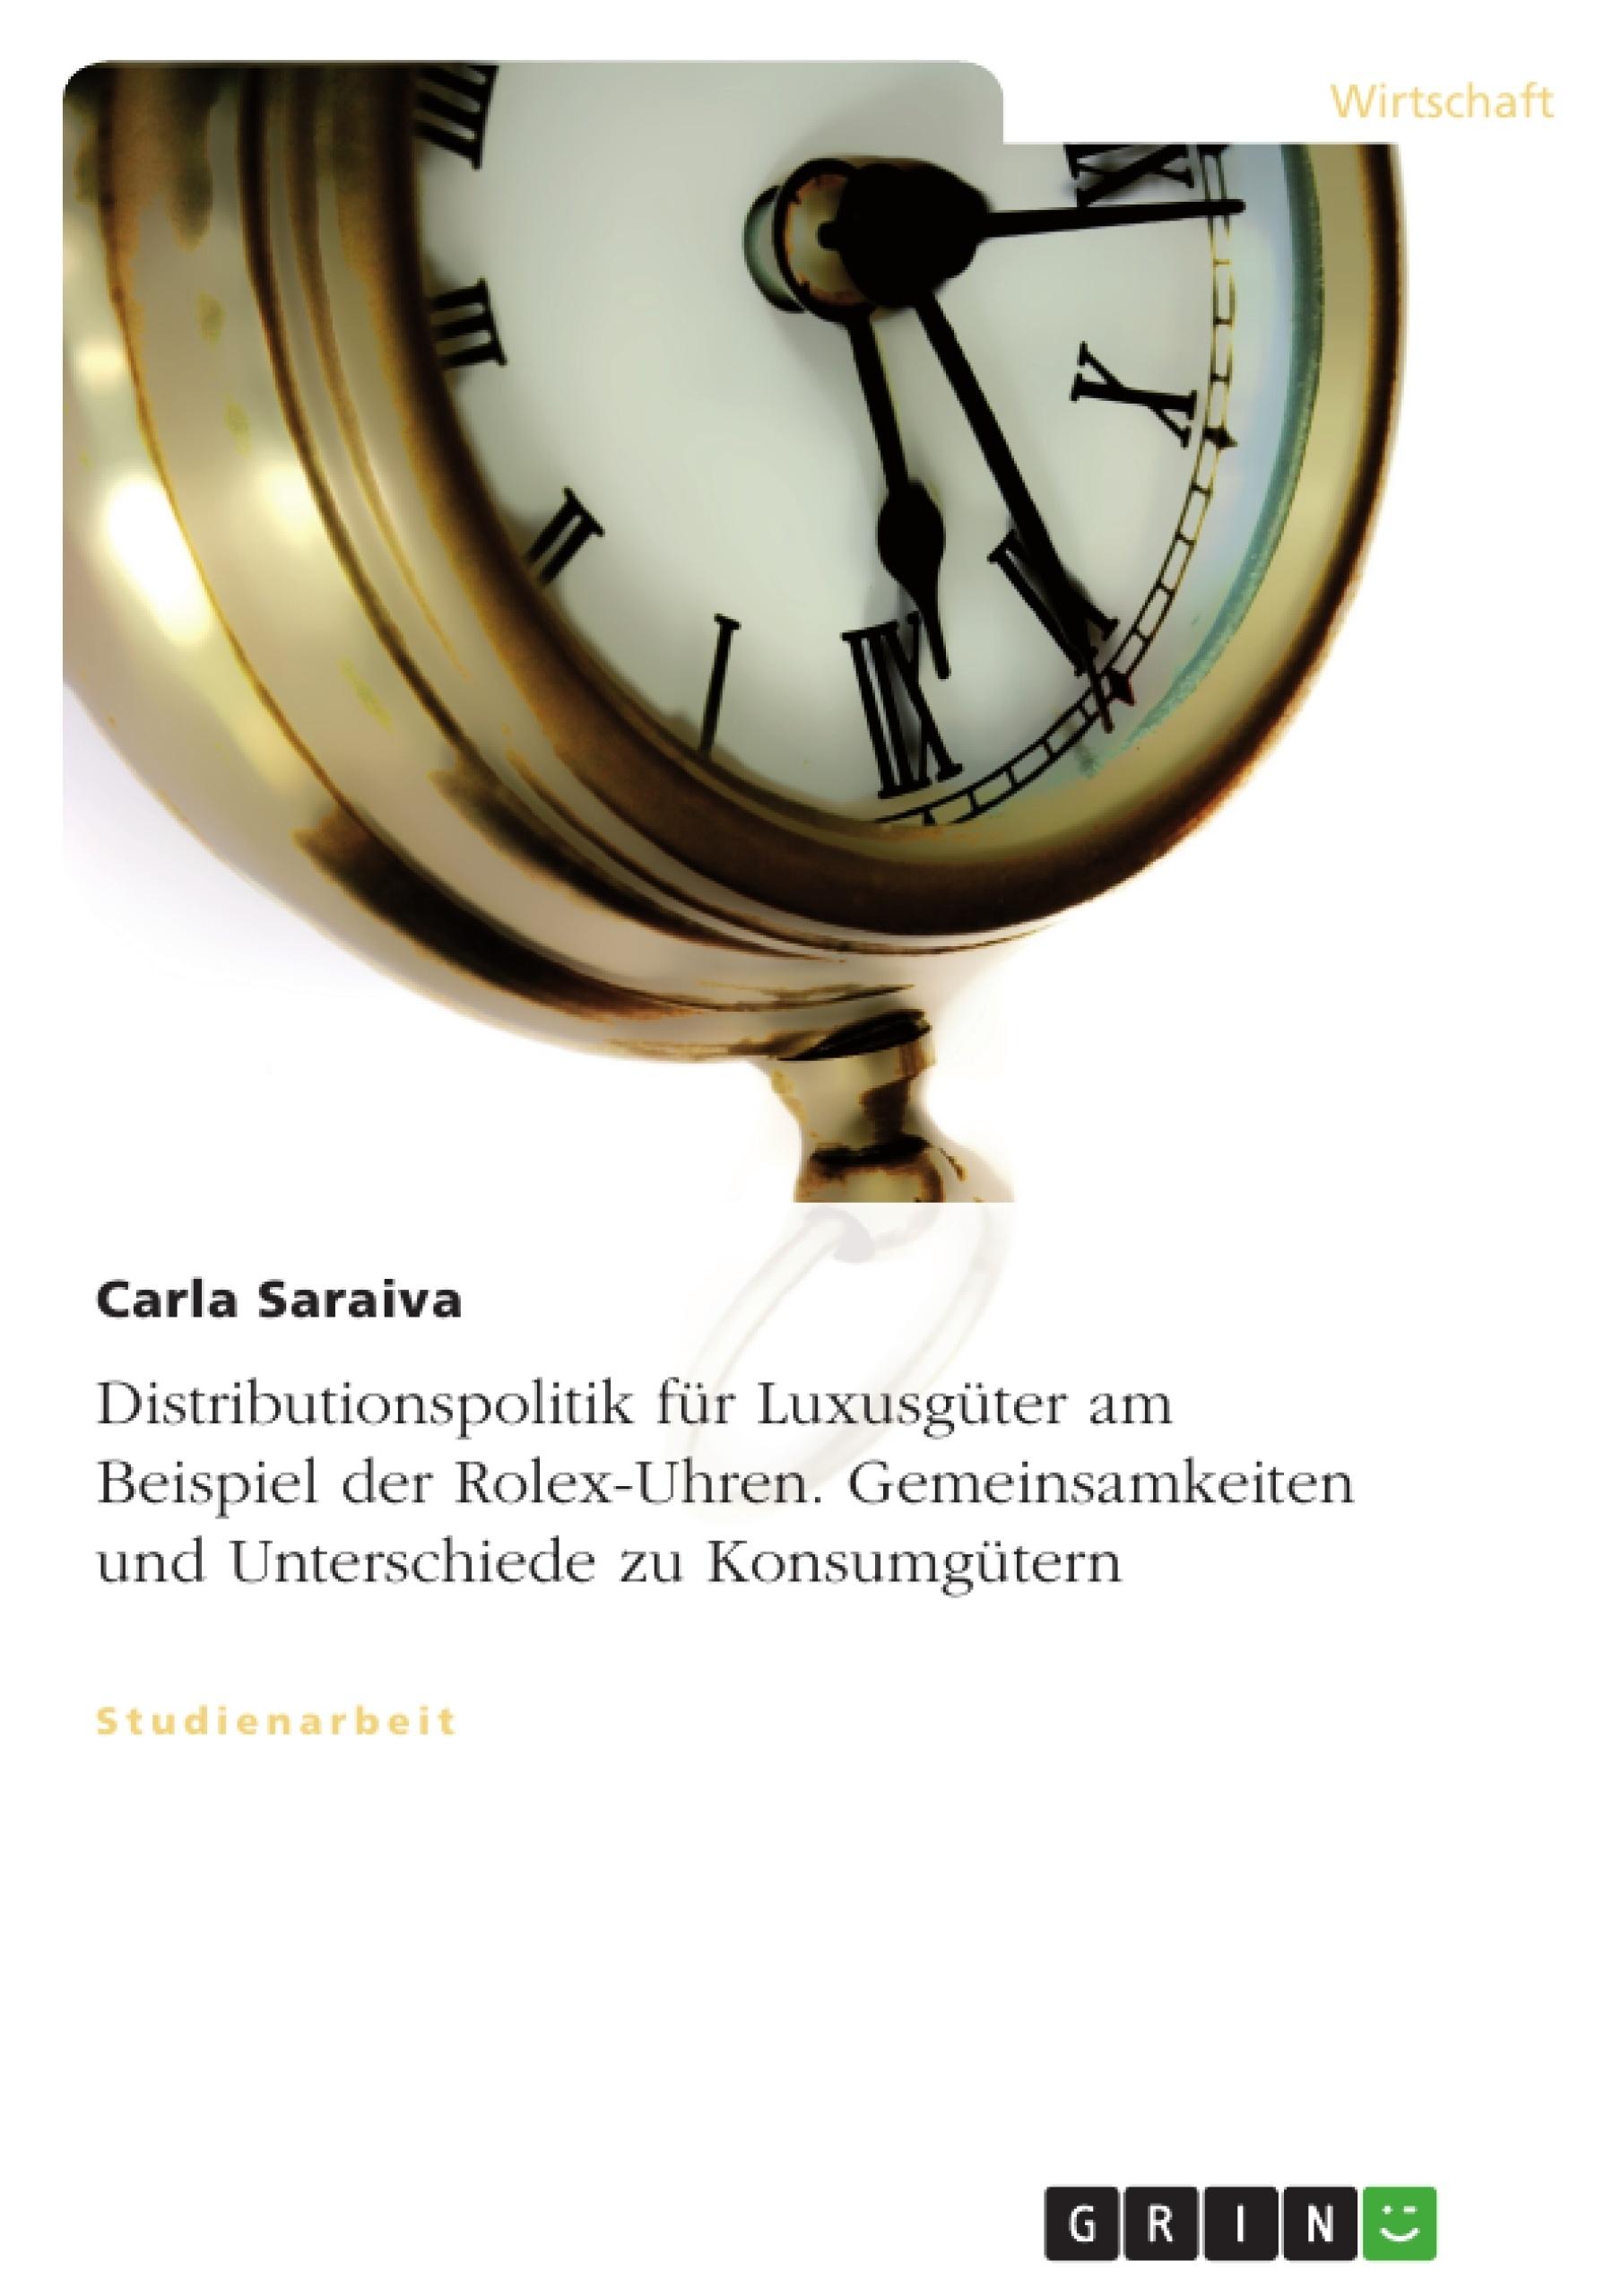 Titel: Distributionspolitik für Luxusgüter am Beispiel der Rolex-Uhren. Gemeinsamkeiten und Unterschiede zu Konsumgütern